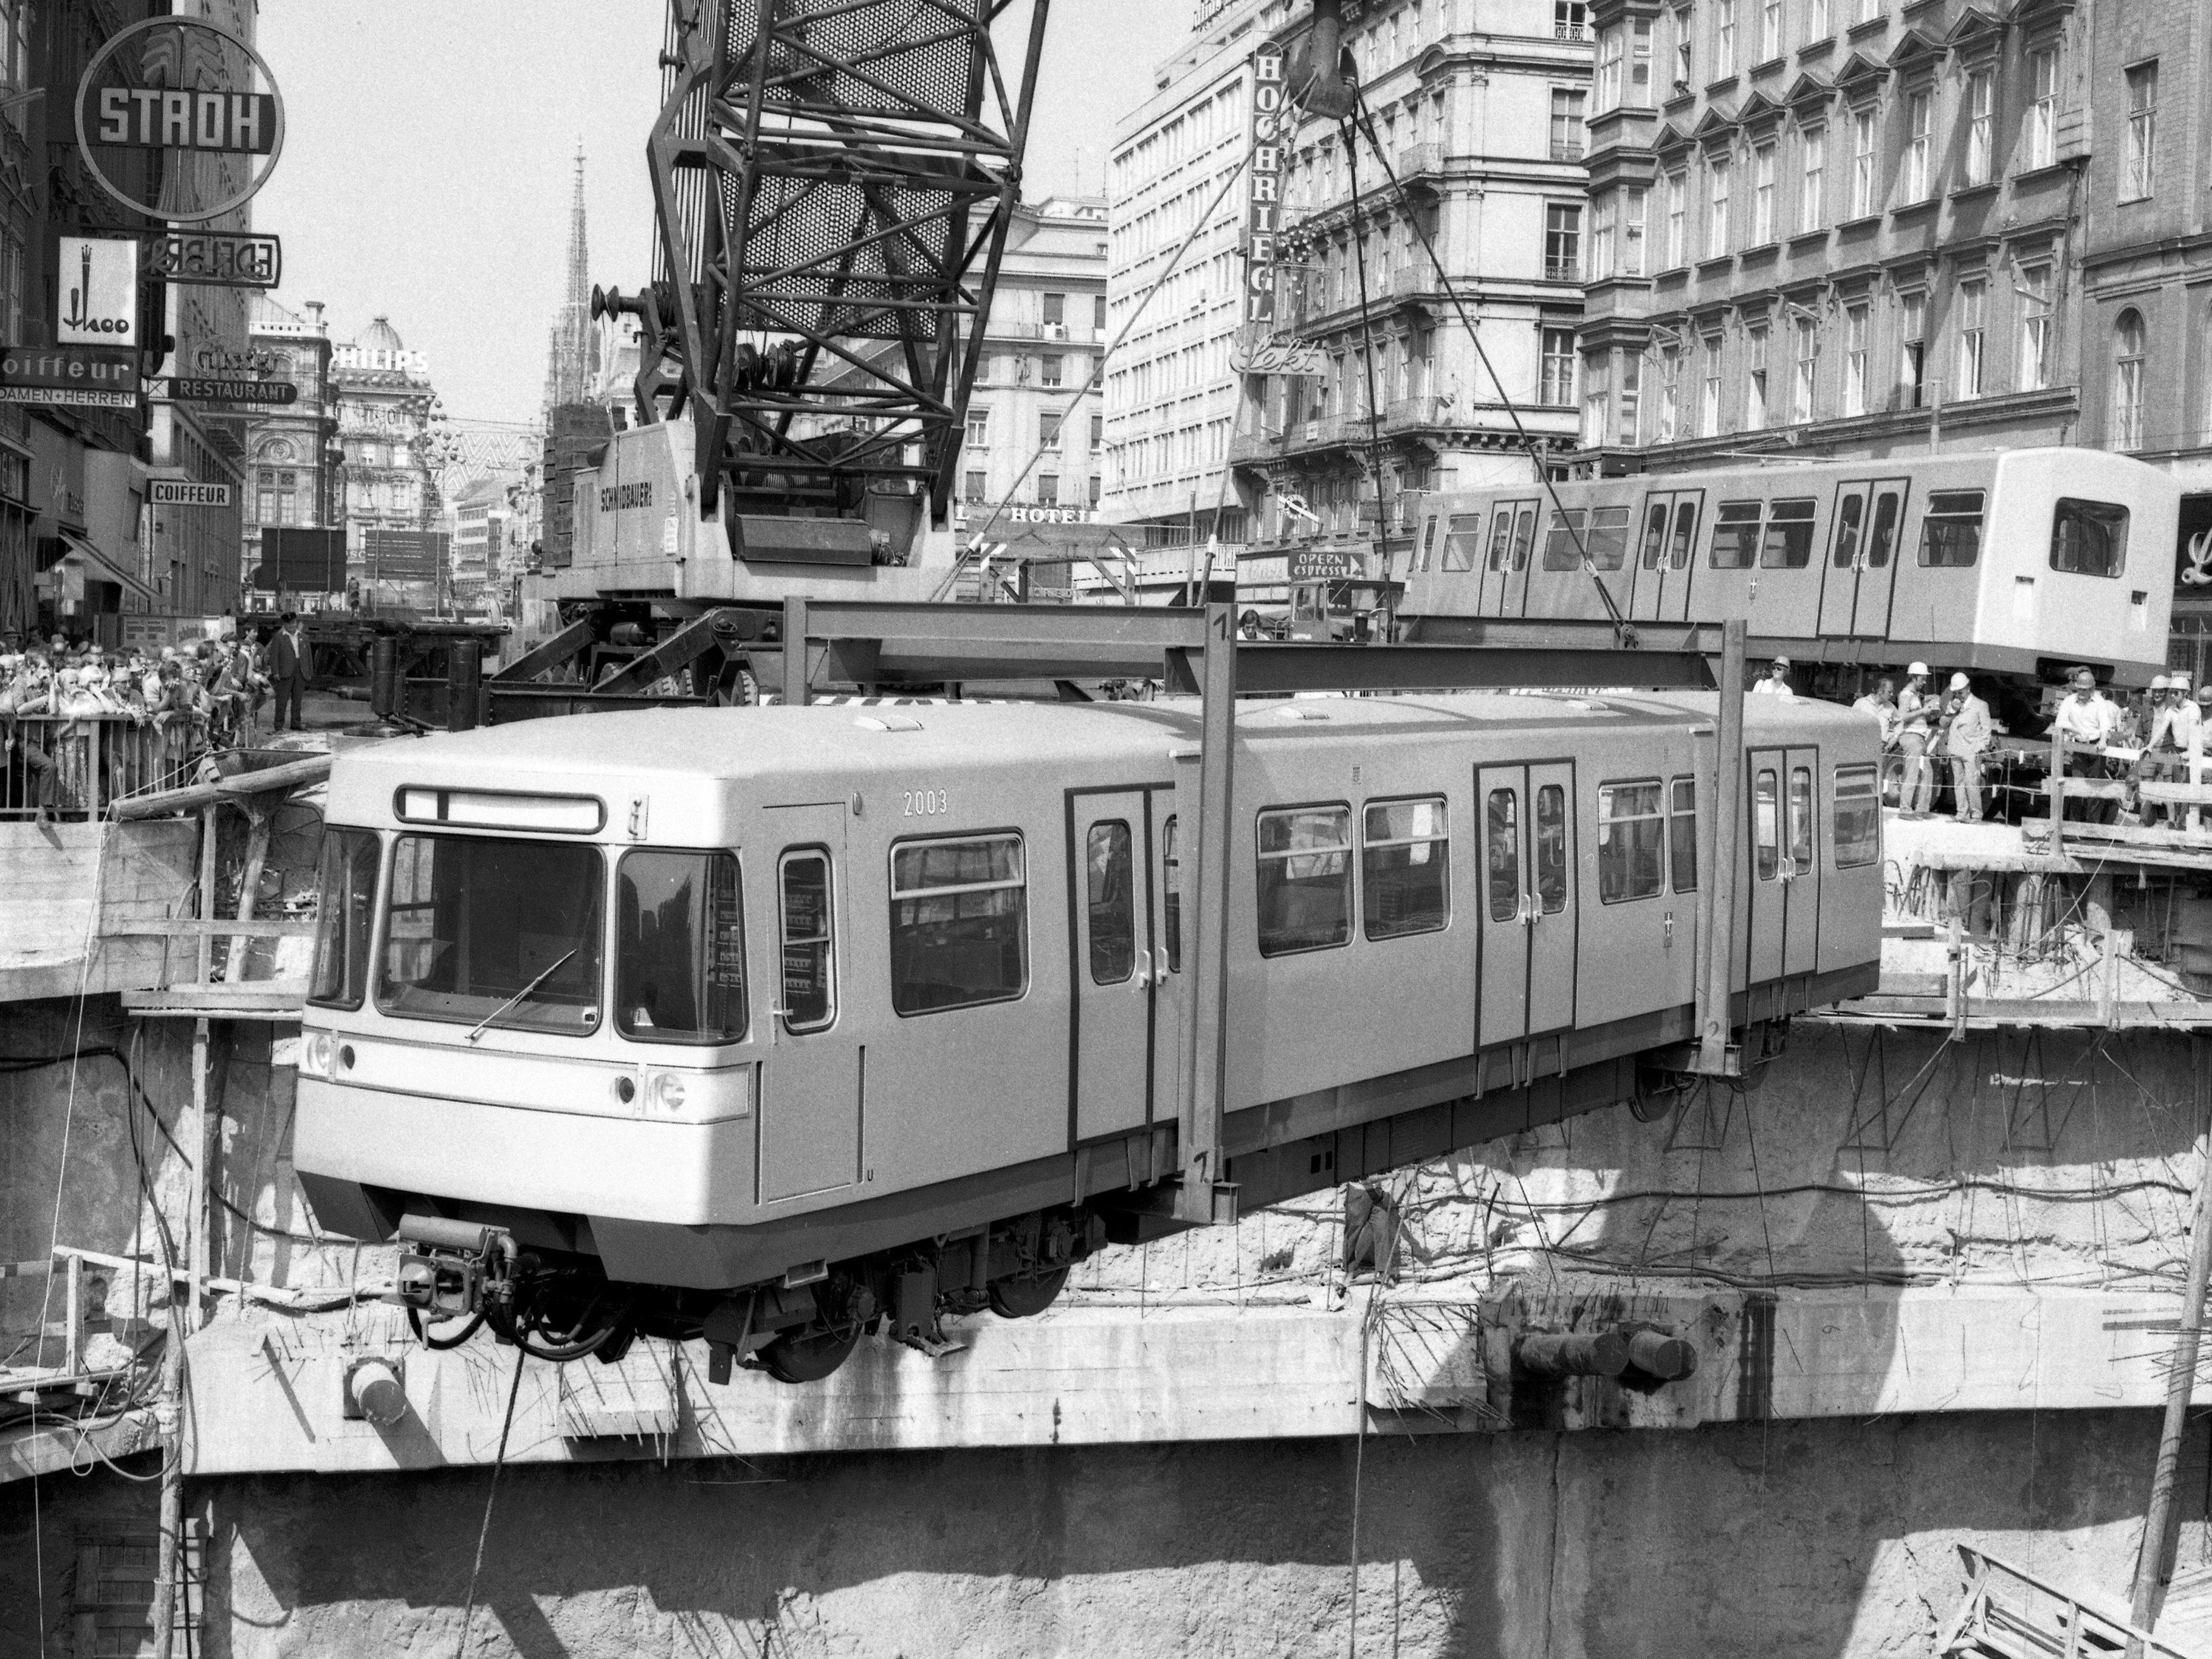 40 Jahre U Bahn In Wien Geburtstags Chronik Zum Jubiläum Zeigt